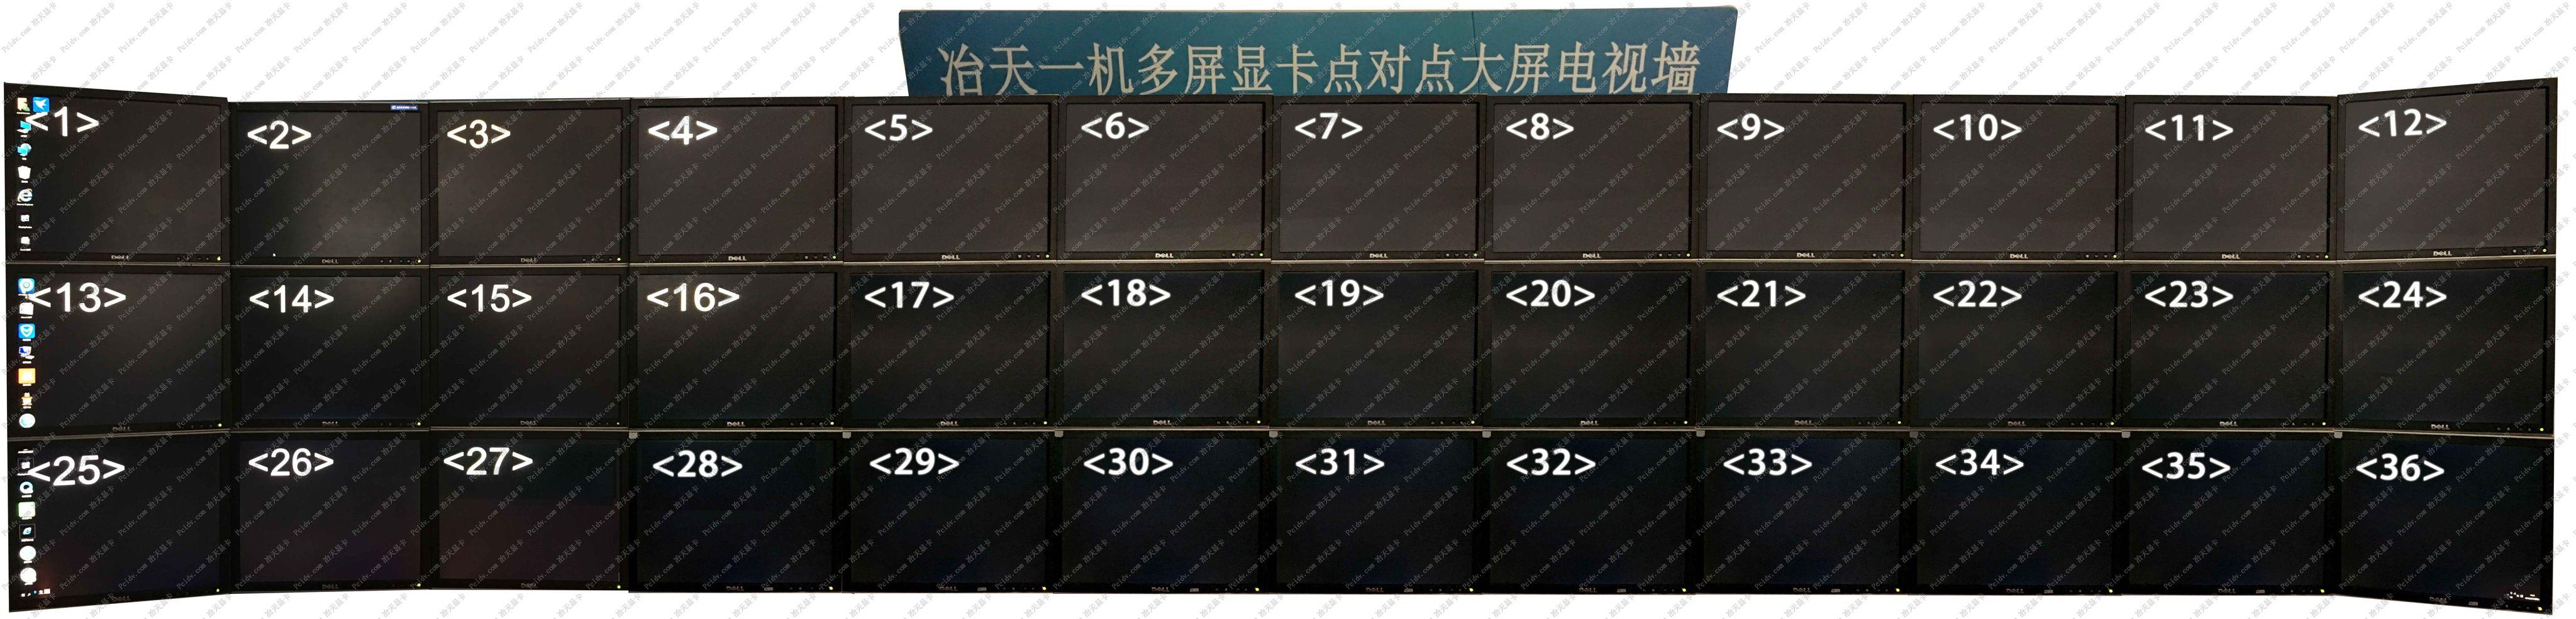 一机36屏单人操作一套键盘鼠标控制36个显示端分屏显示